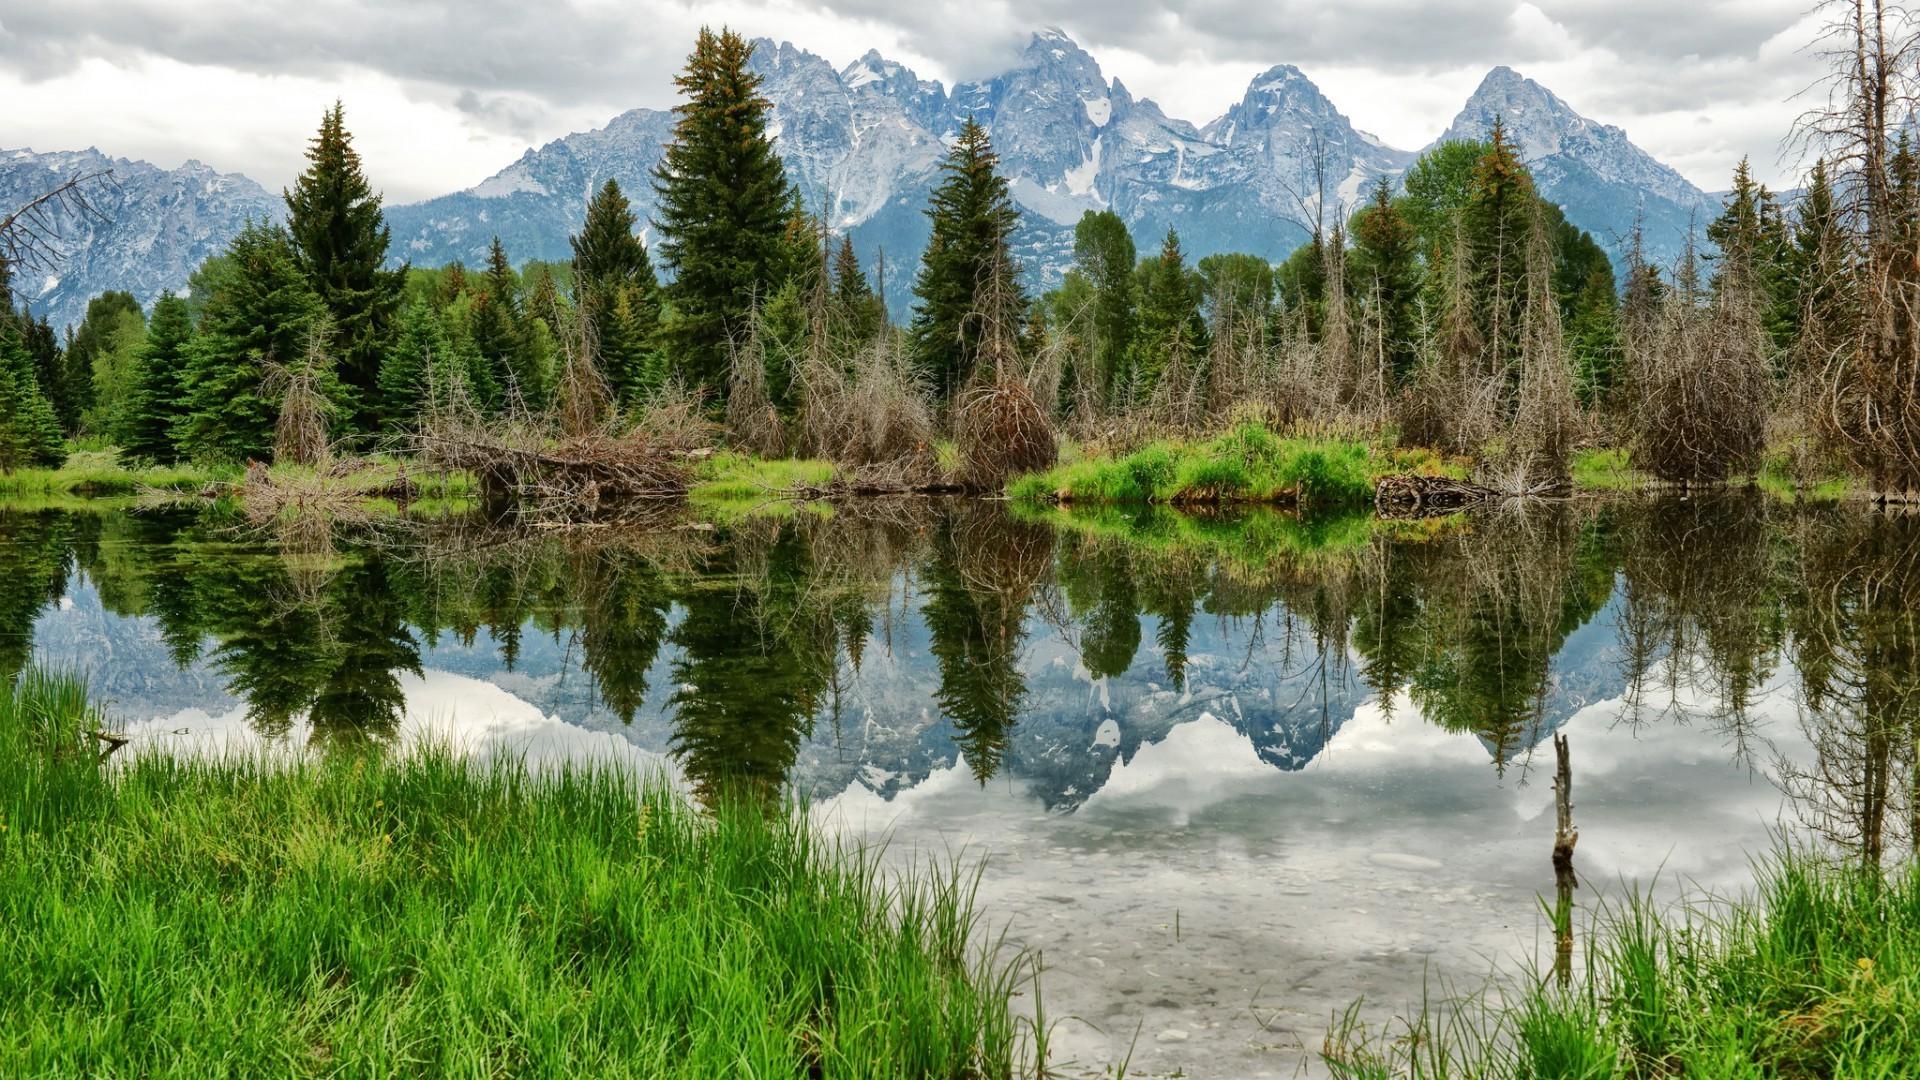 смотреть фото пейзажи на озерах время, многое